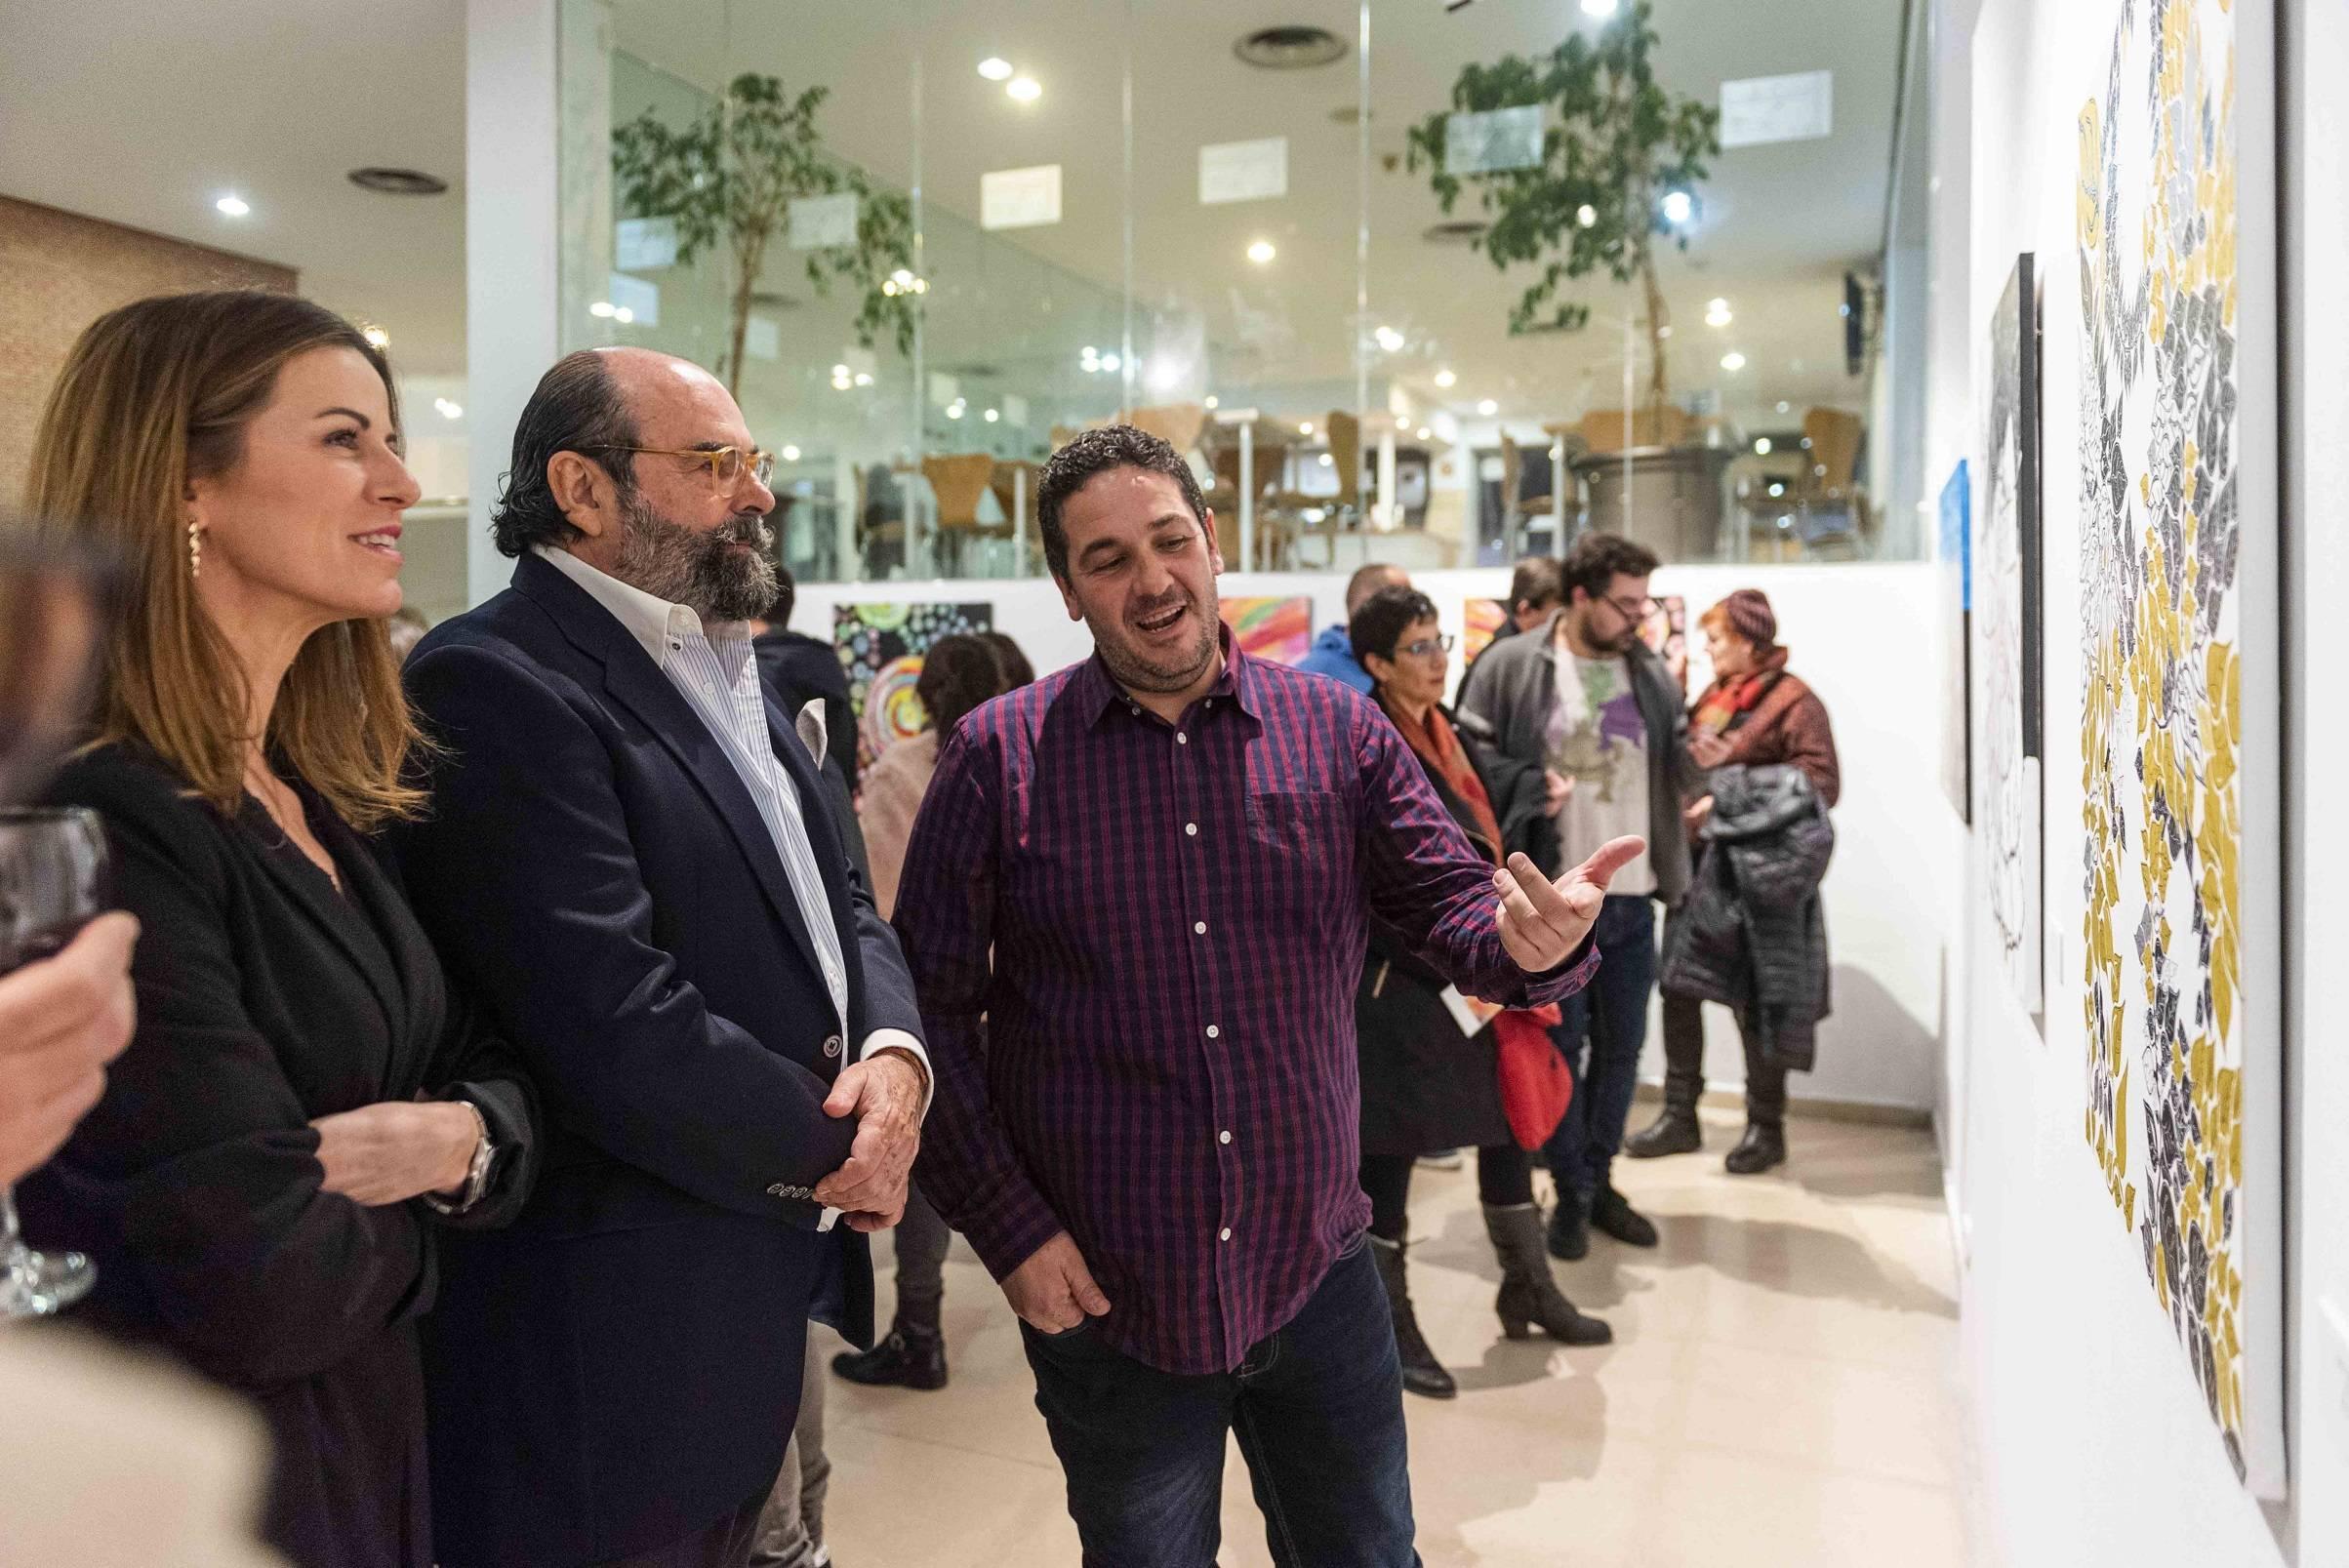 Raúl Cogolludo mostrándole al concejal de Cultura algunas de sus obras.